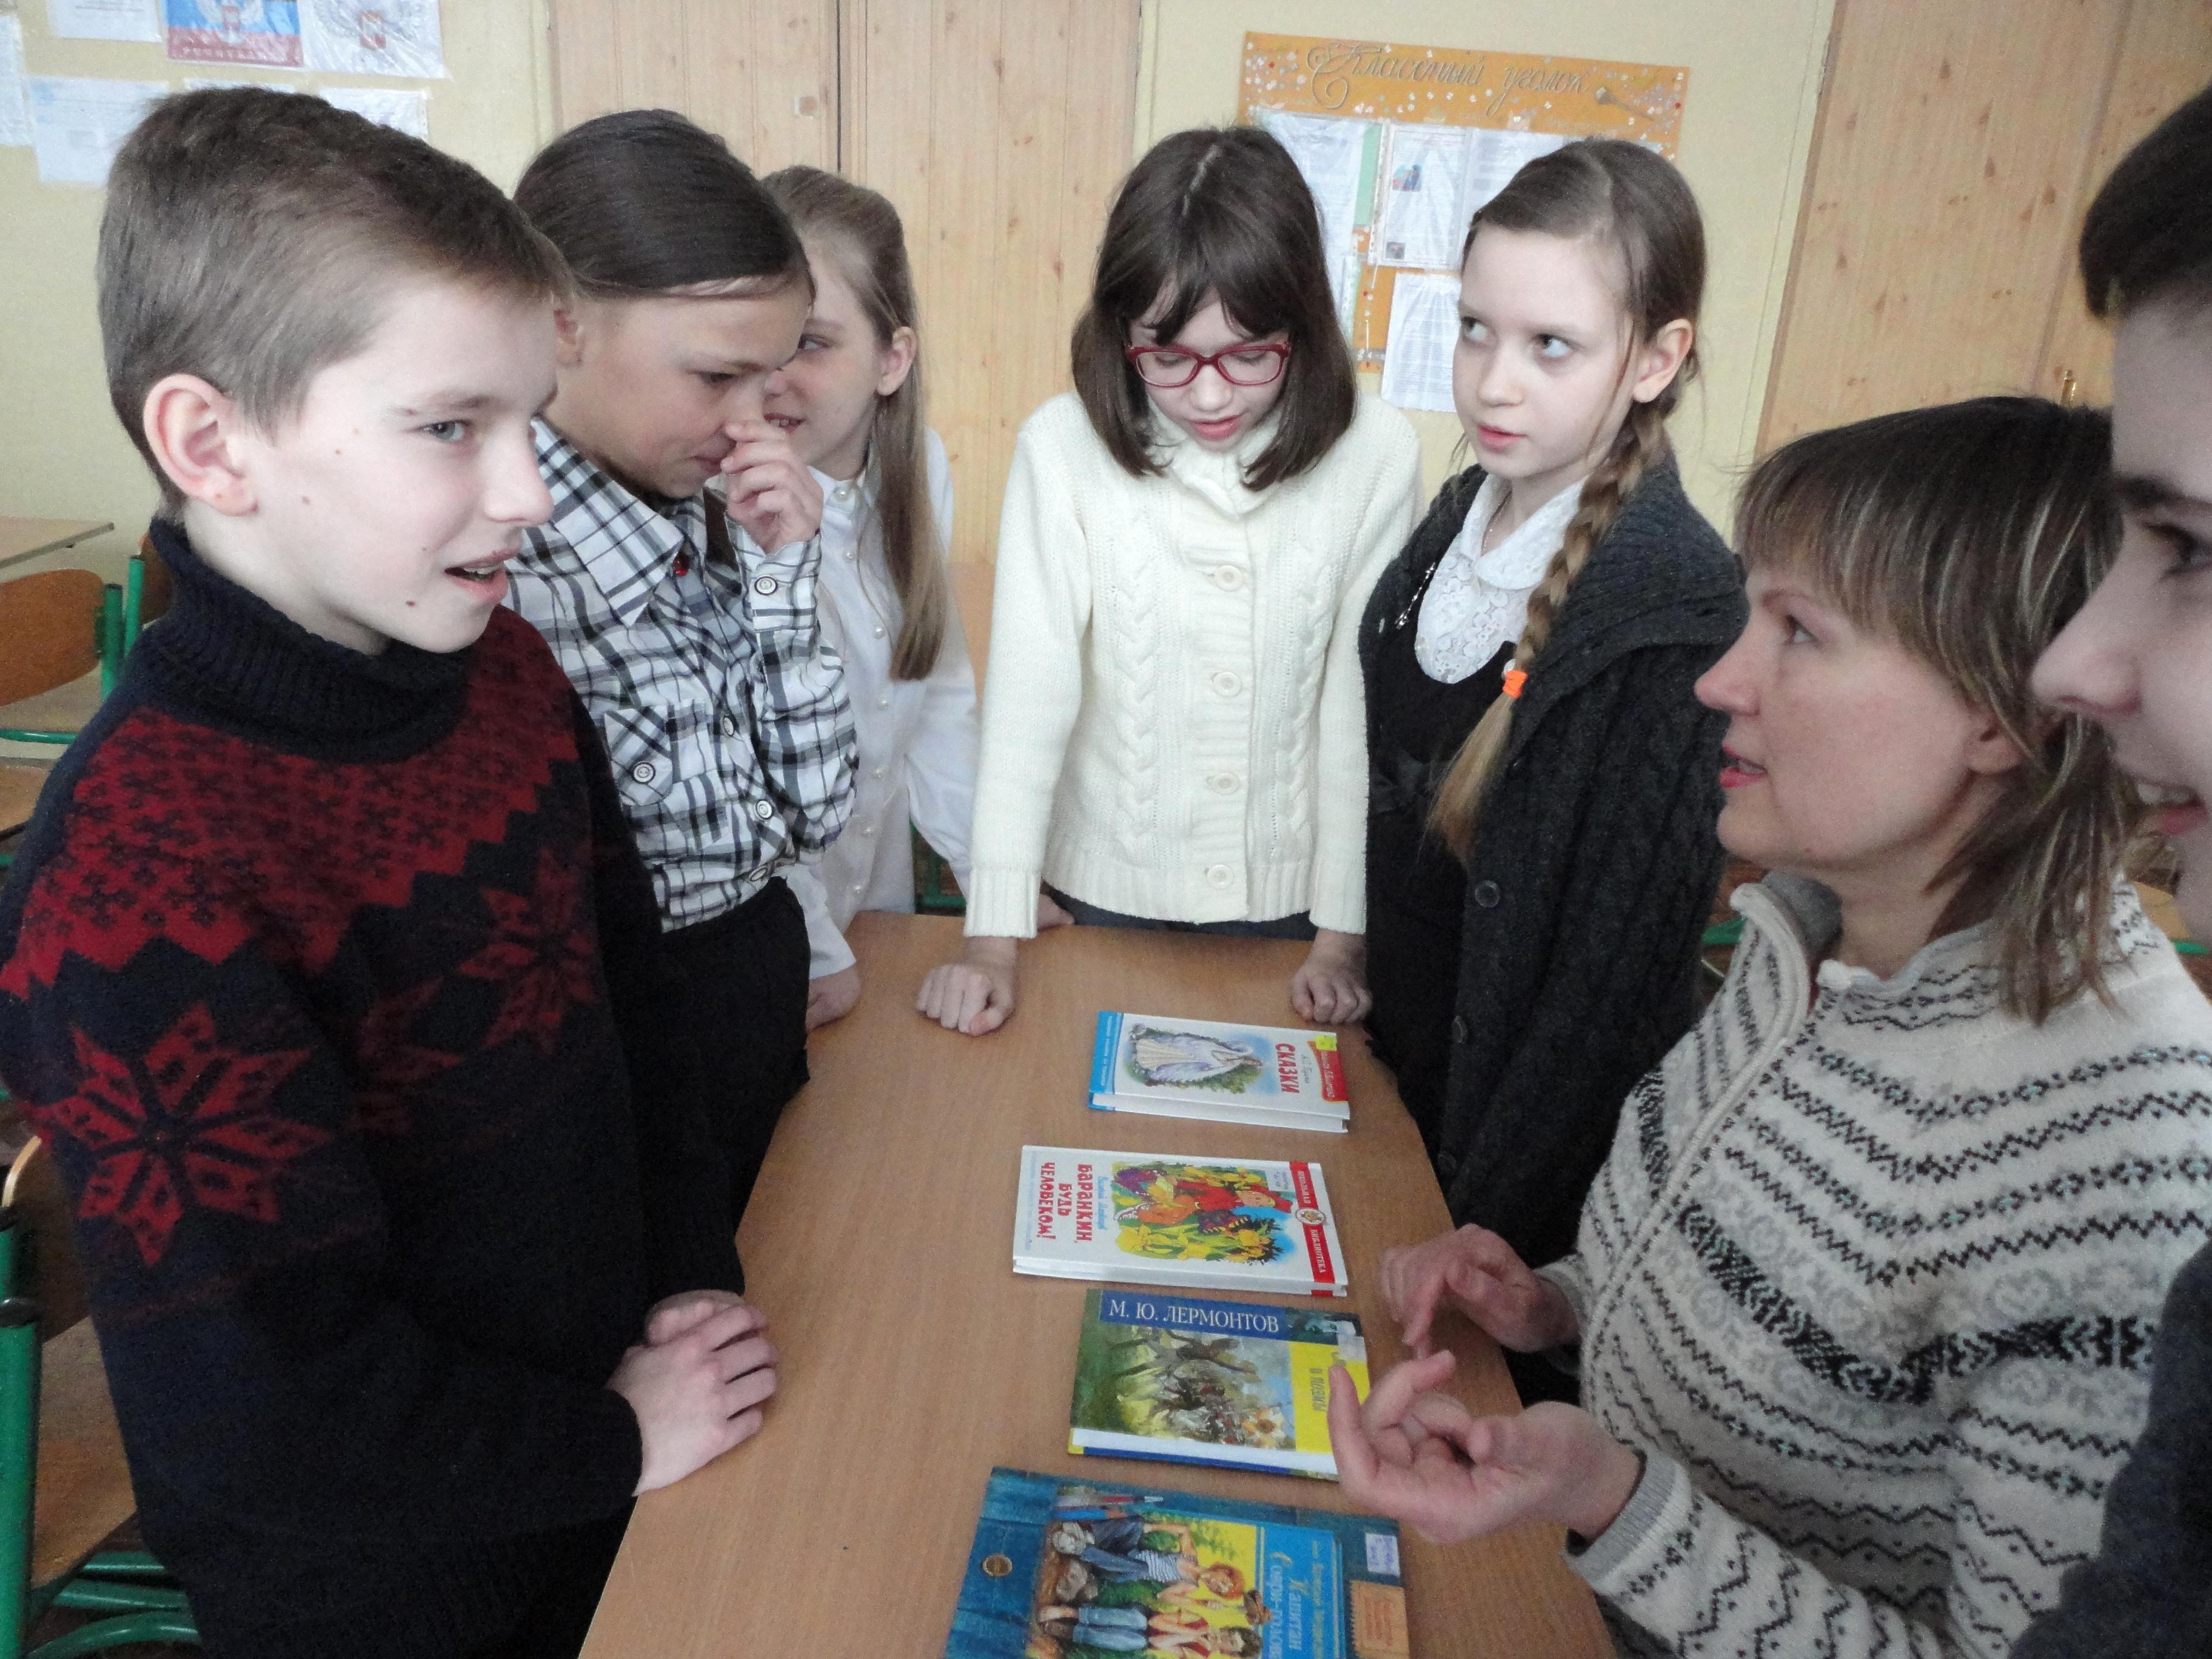 валерий медведев, день библиографии, донецкая республиканская библиотека для детей, отдел справочно-библиографического и информационного обслуживания